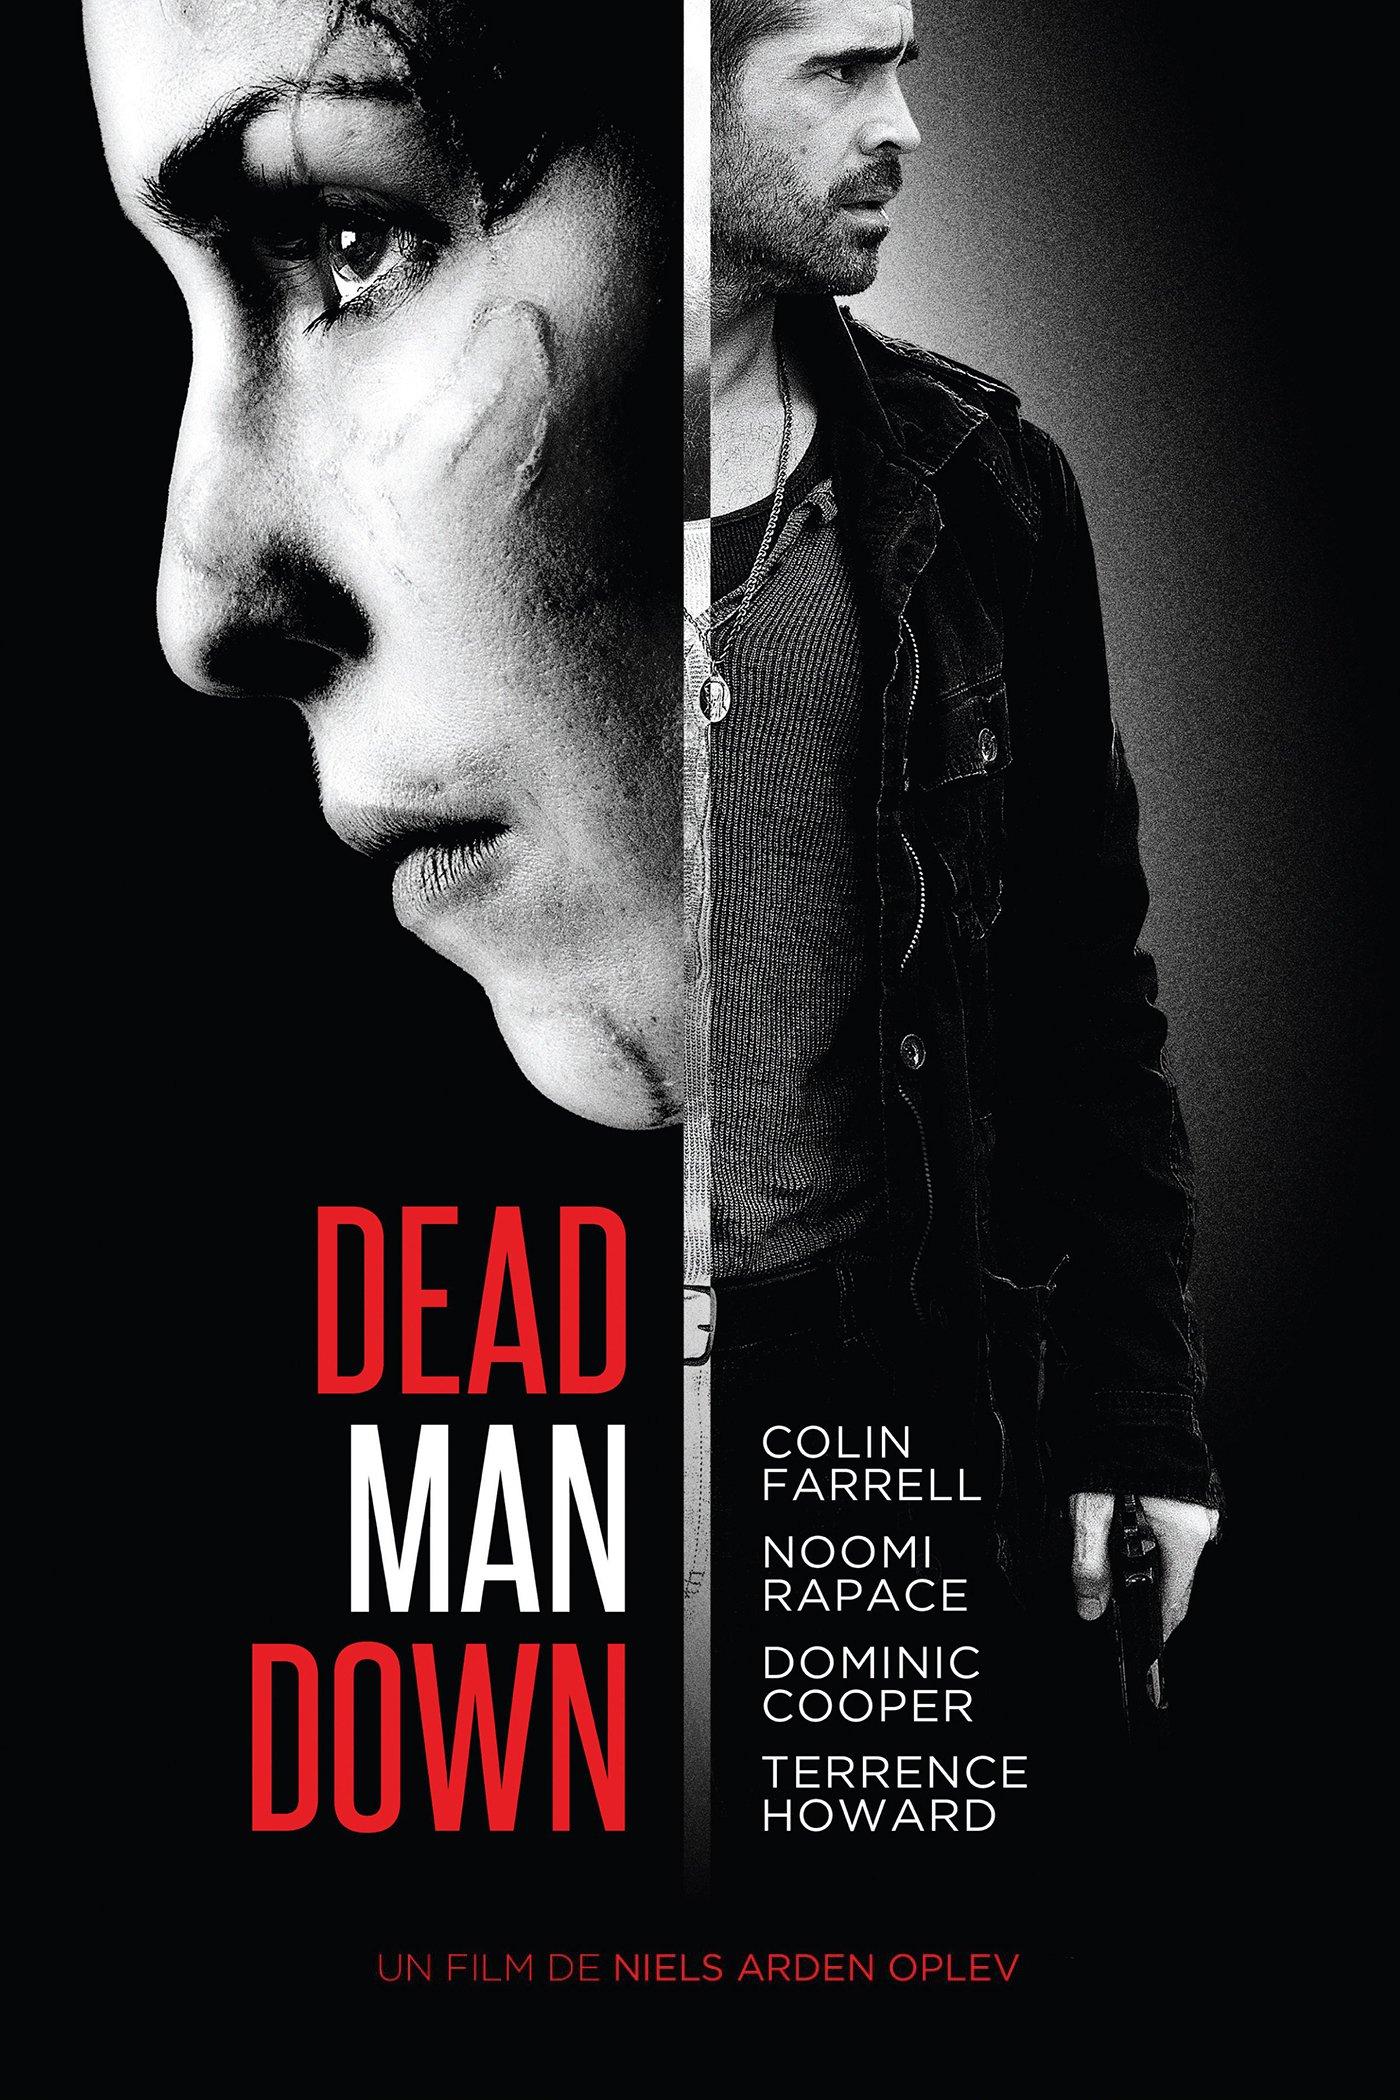 dead man down film complet en streaming vf hd. Black Bedroom Furniture Sets. Home Design Ideas